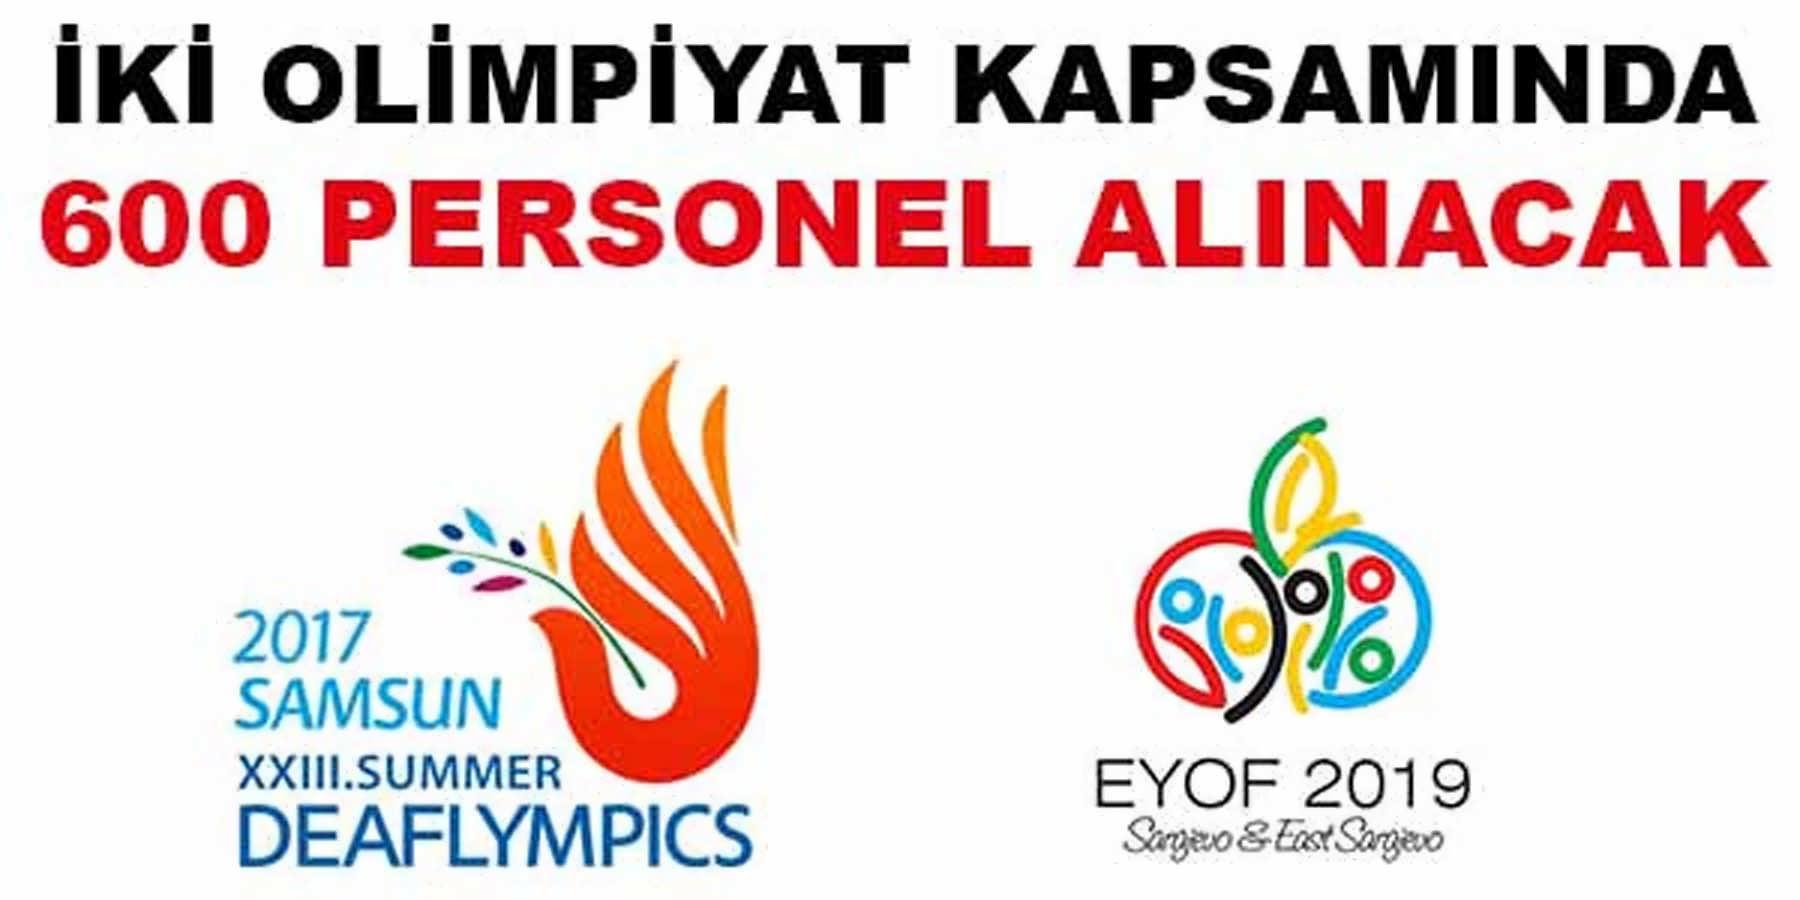 Olimpiyat ve Yaz Oyunları İçin 600 Personel Alınacak